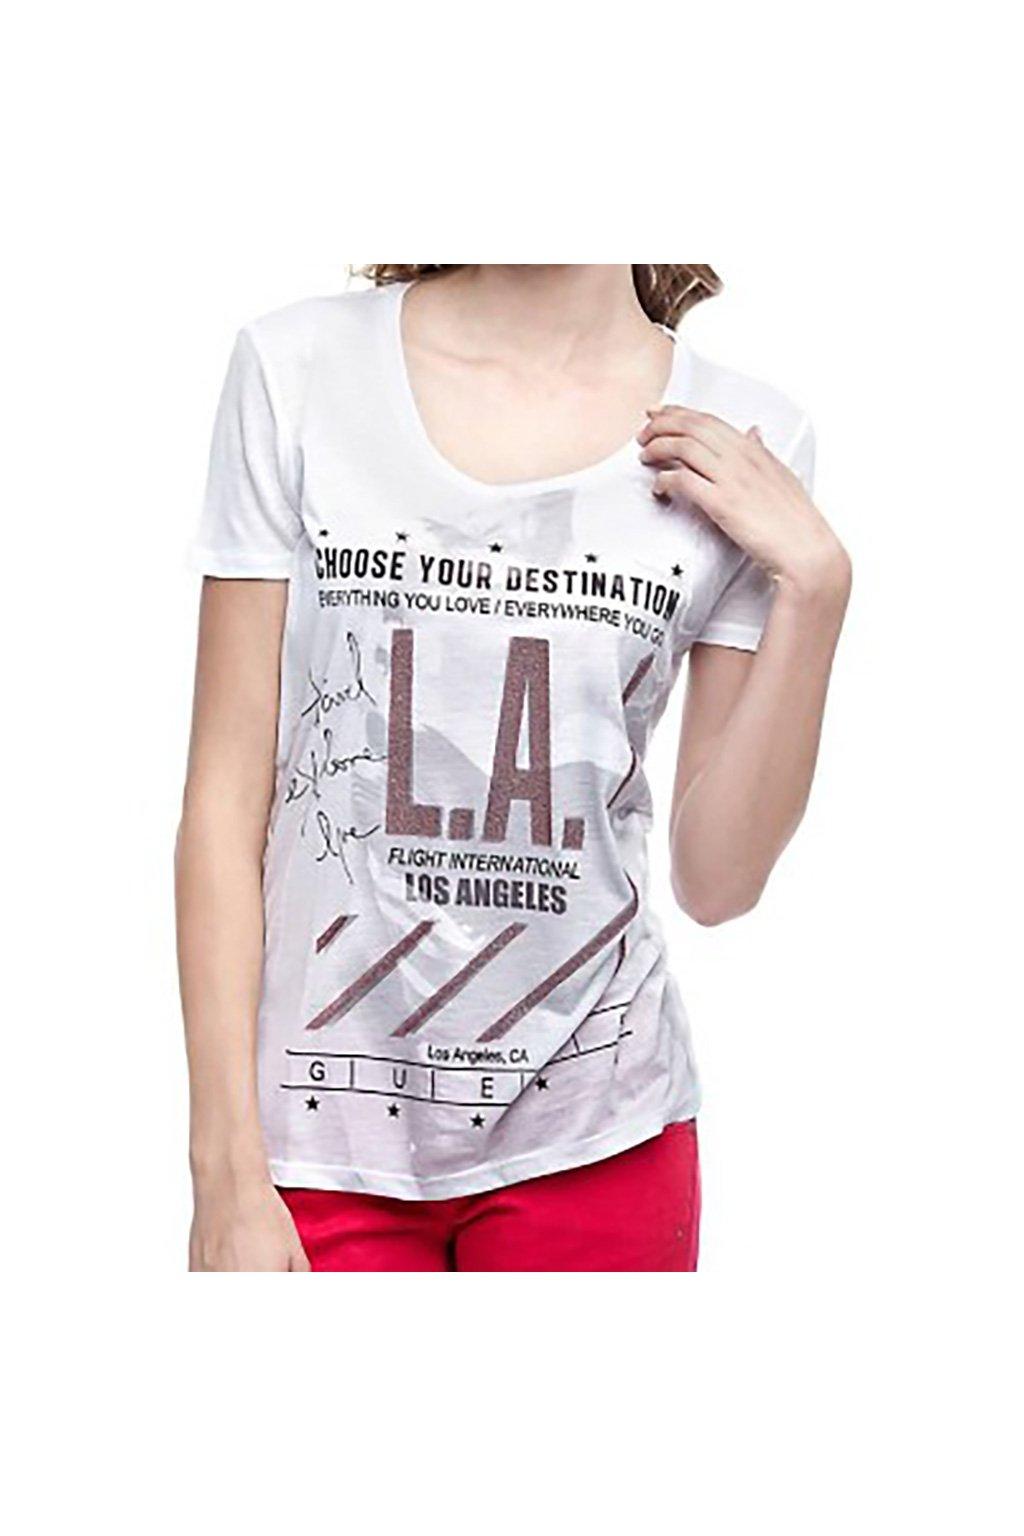 Tričko L. A. Guess